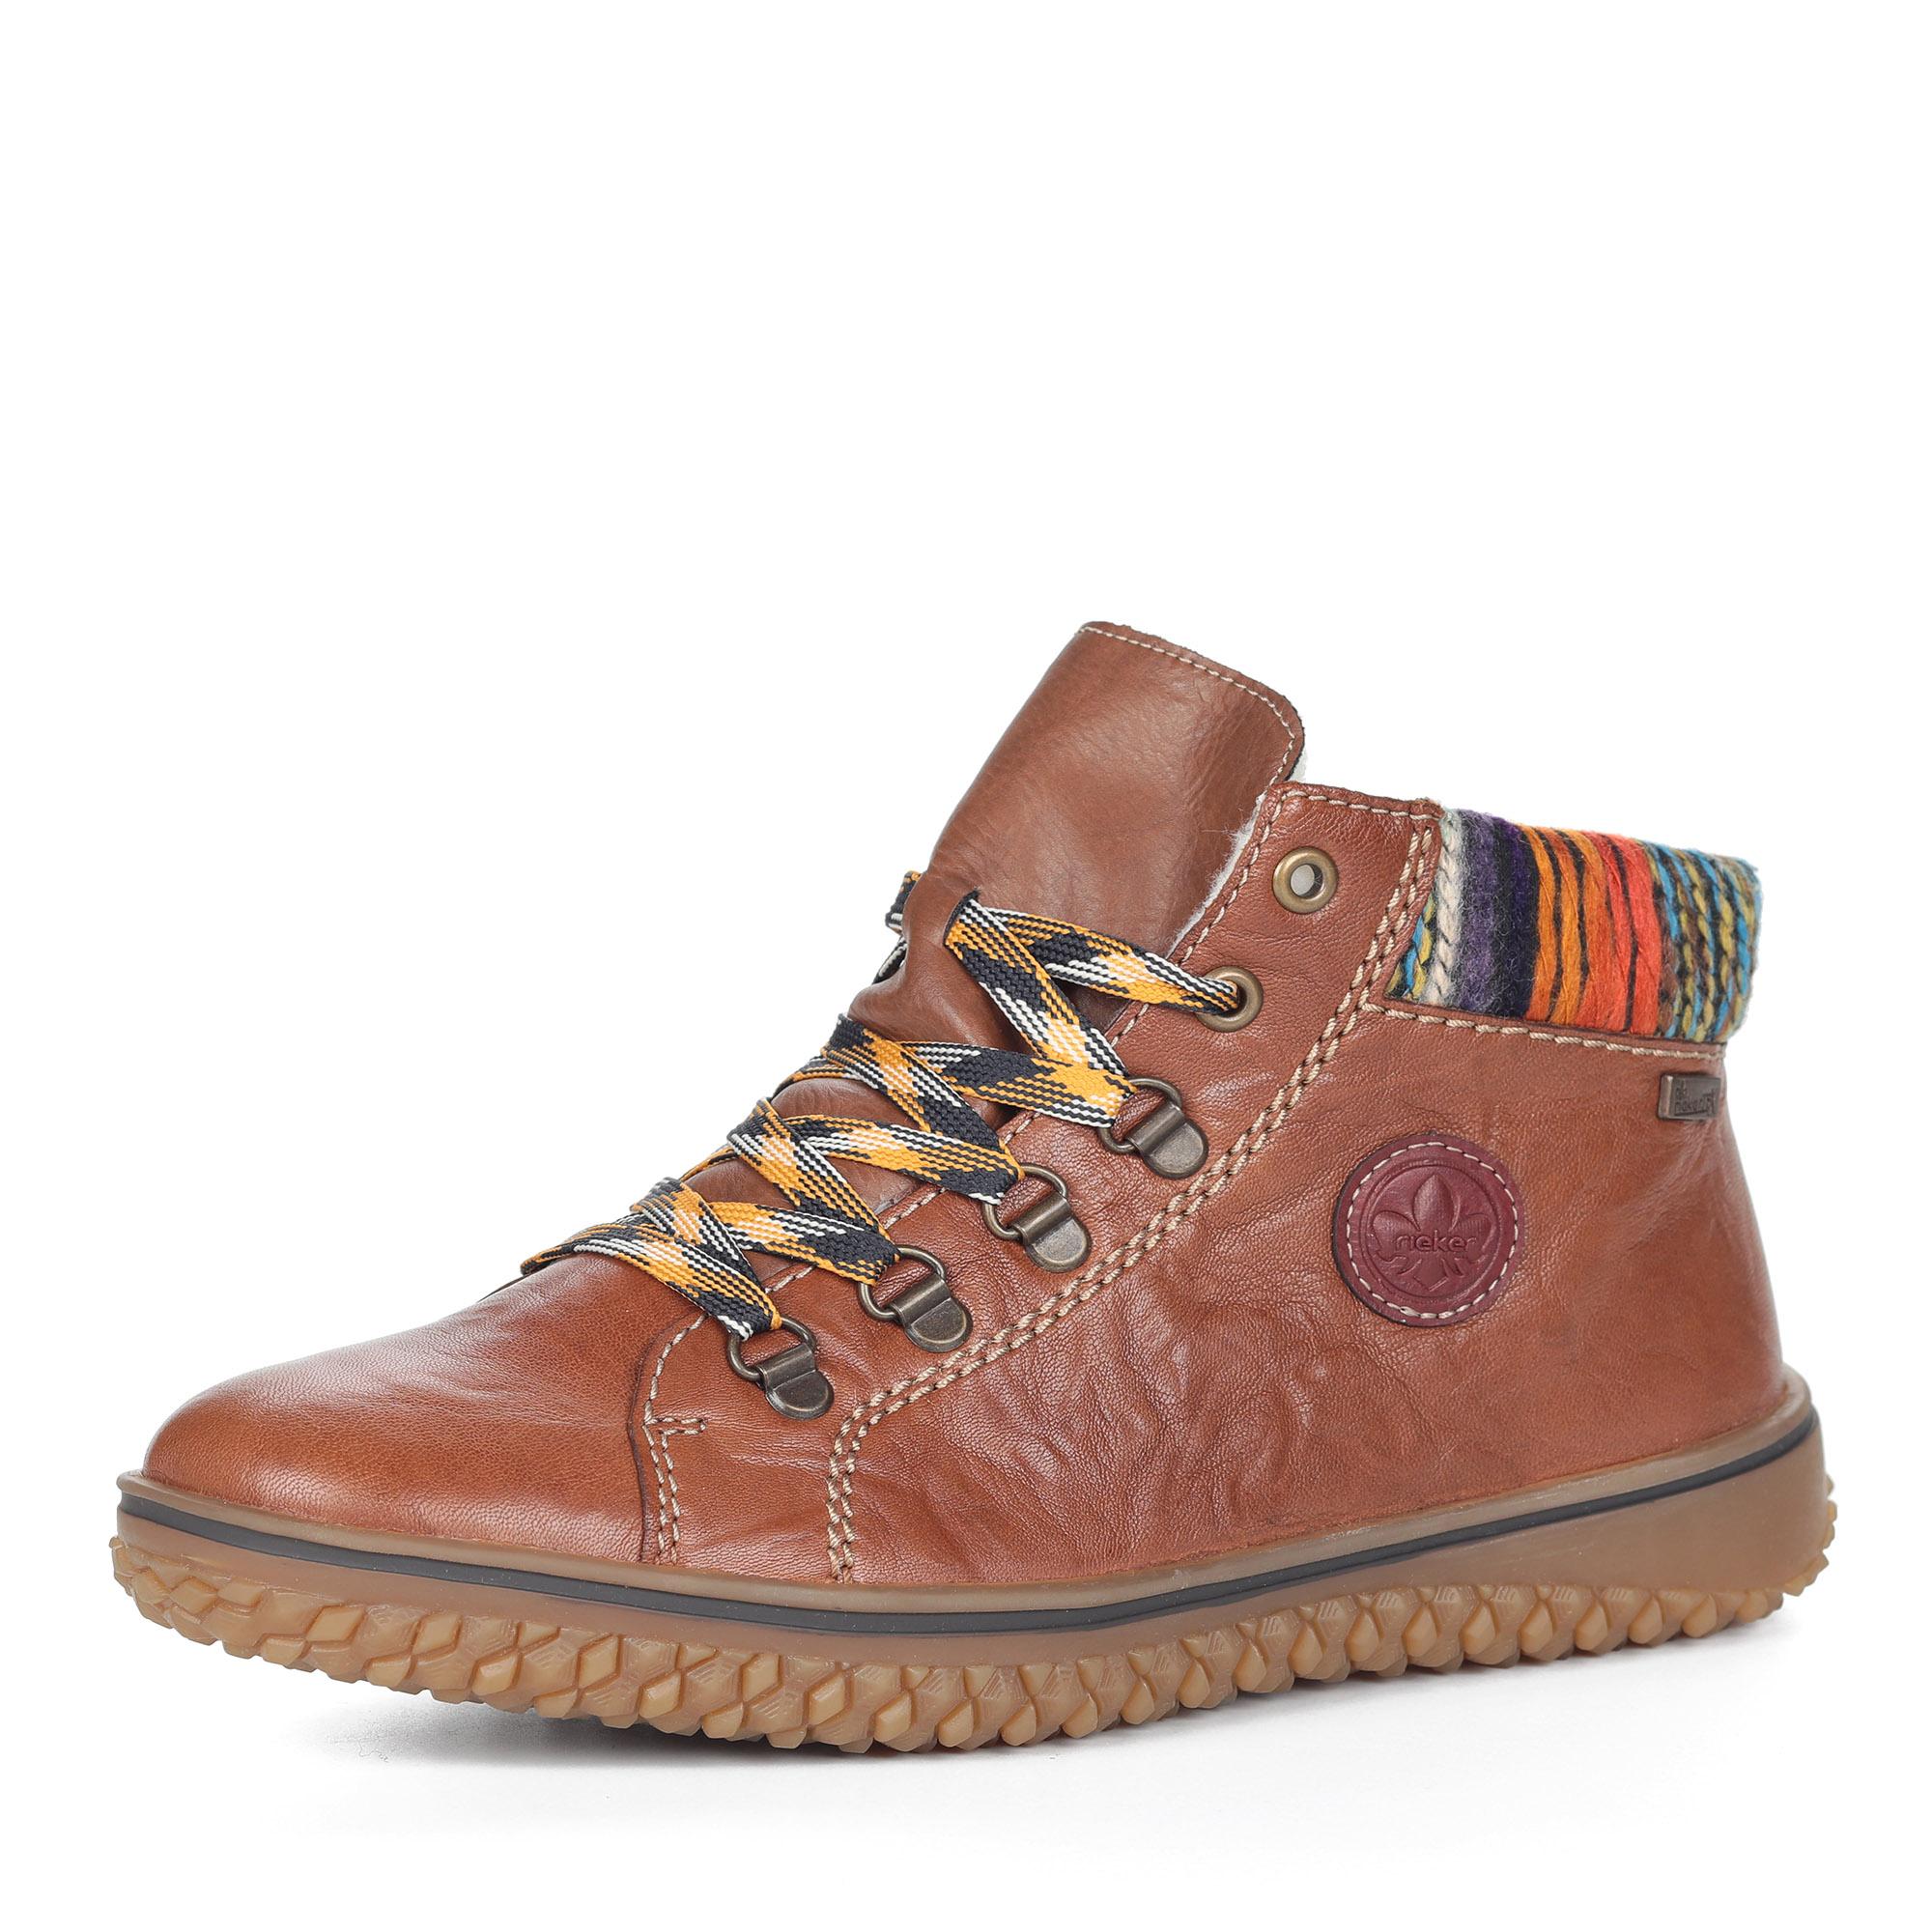 Коричневые ботинки из комбинированных материалов